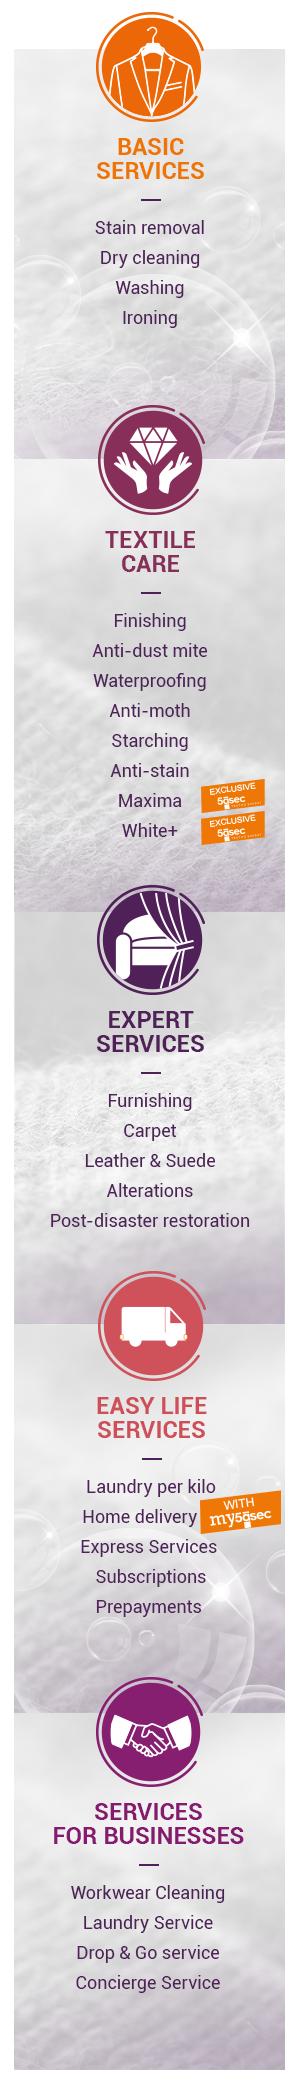 Les services et soins textiles 5àsec